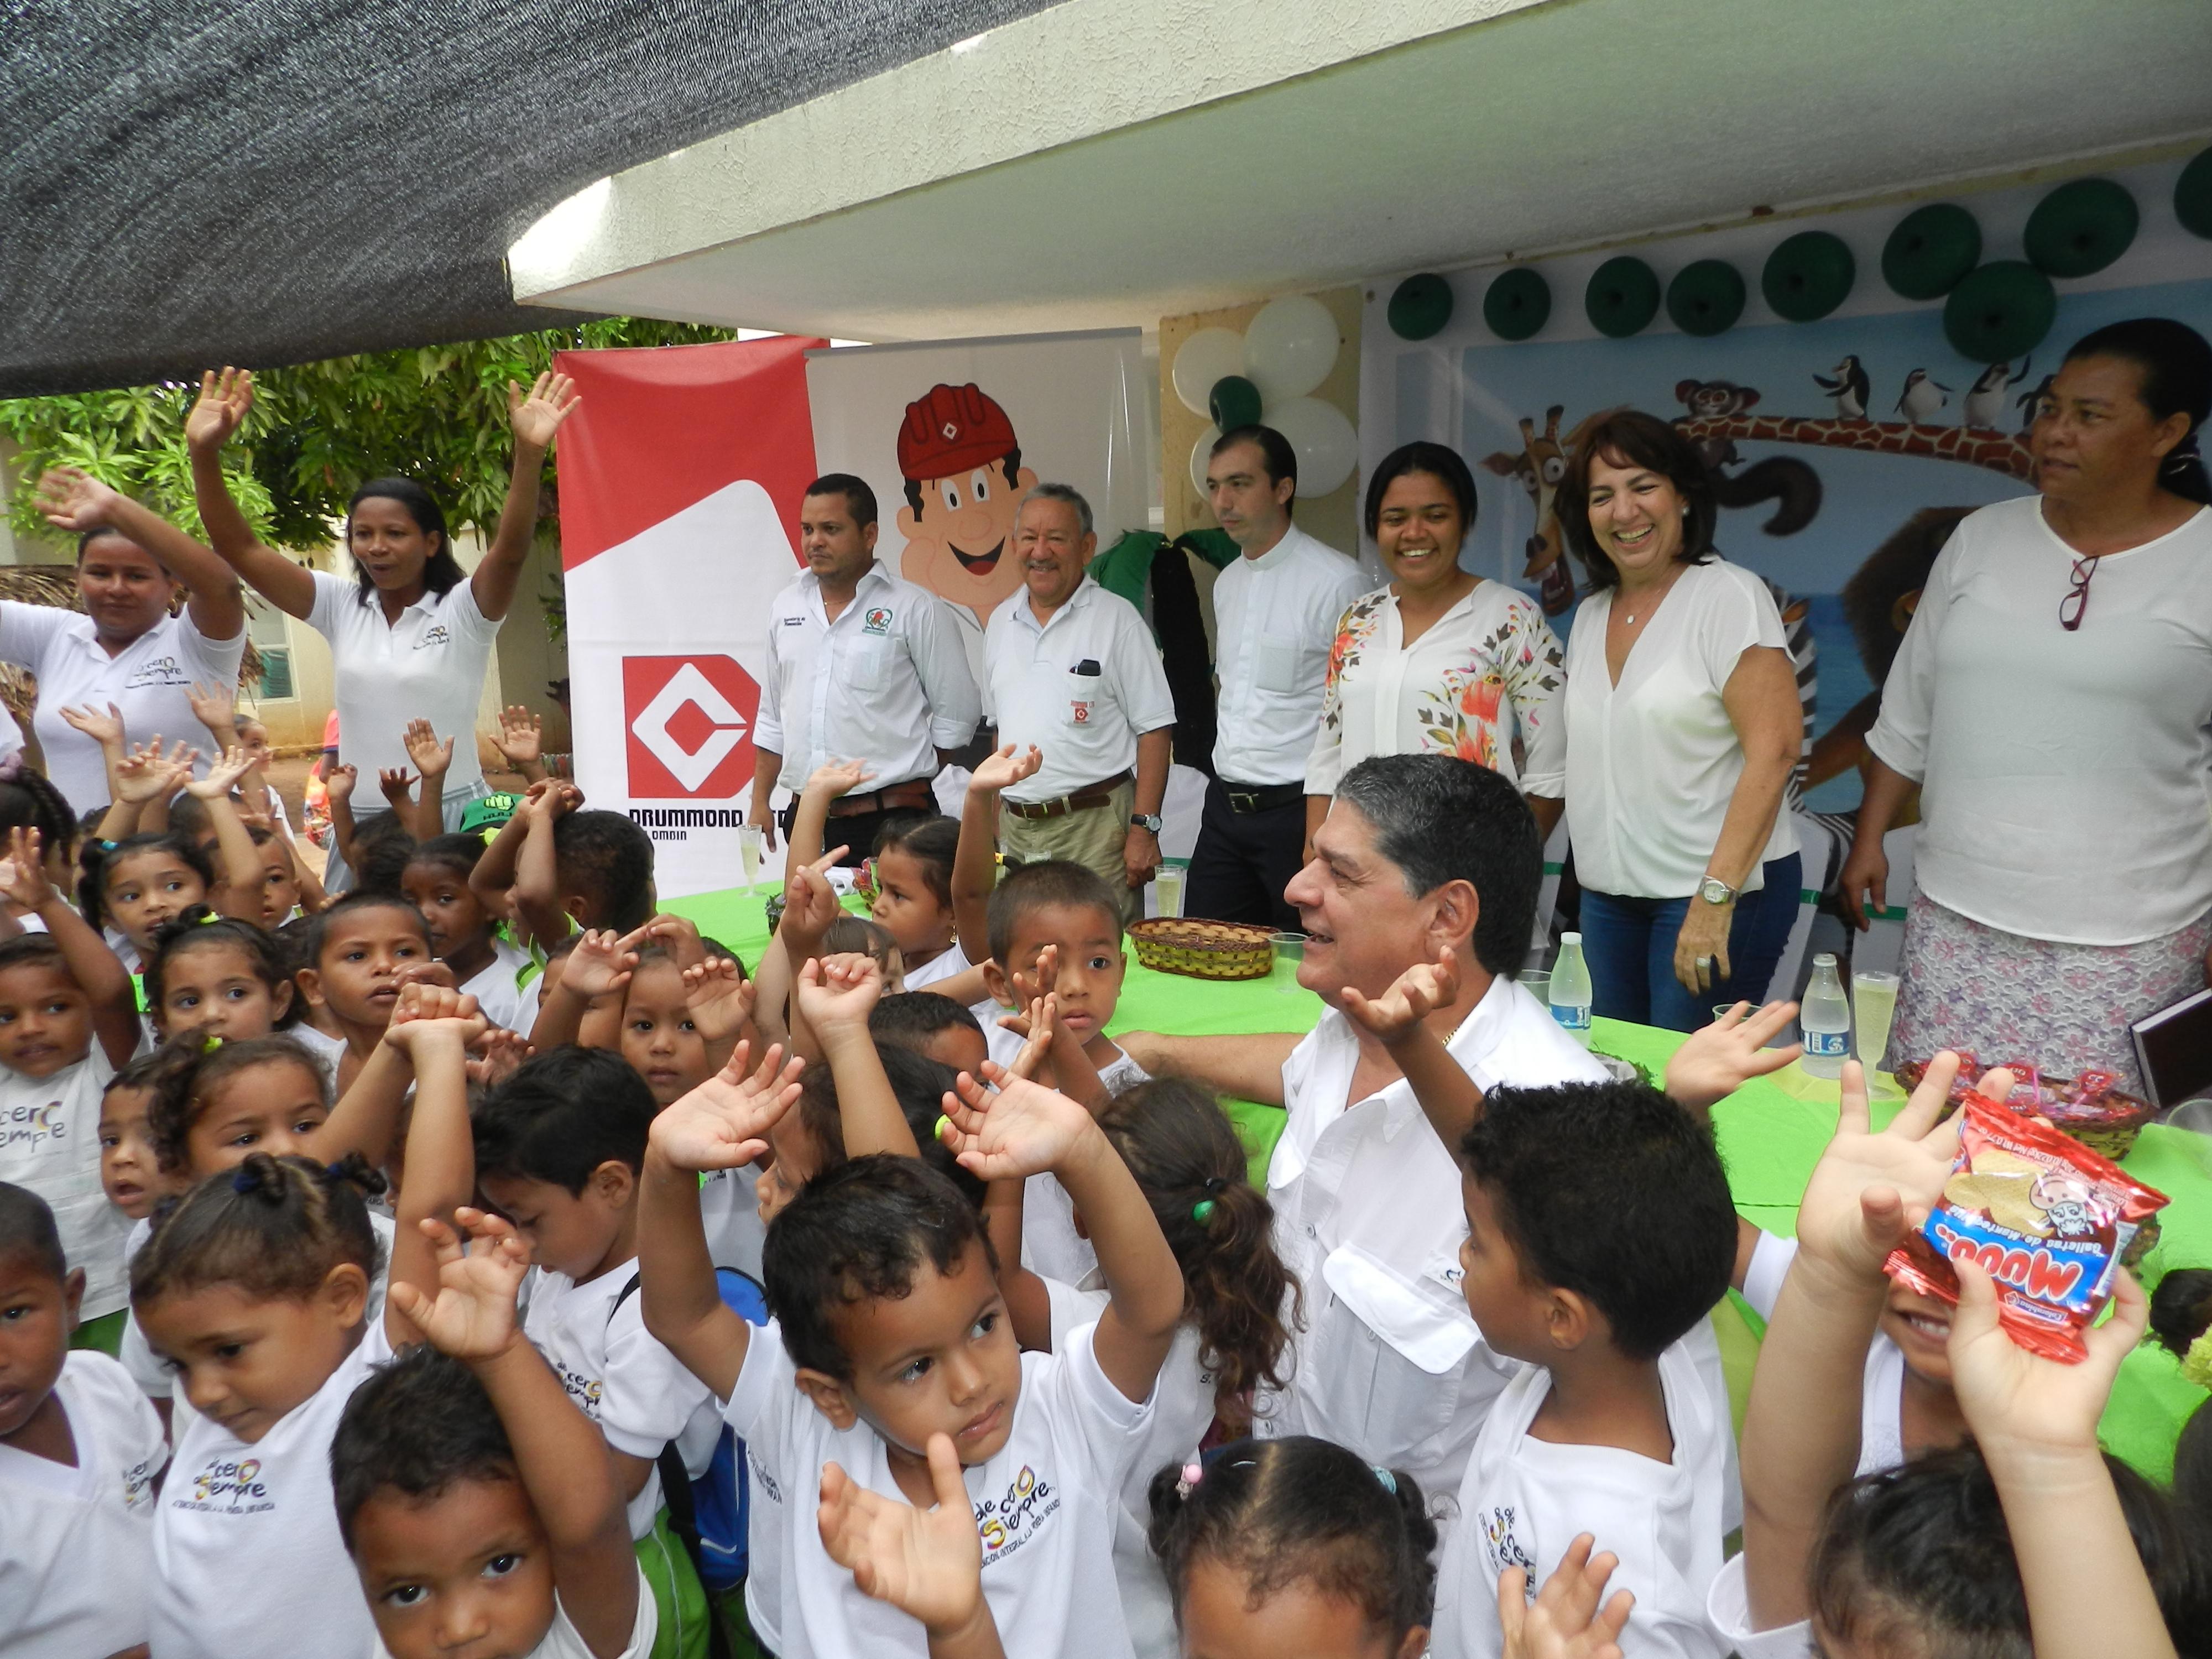 *Funcionarios de Drummond Ltd., comparten con niños del CDI Mis Primeros Días y Mis Primeros Pasos en la inauguración de obras.